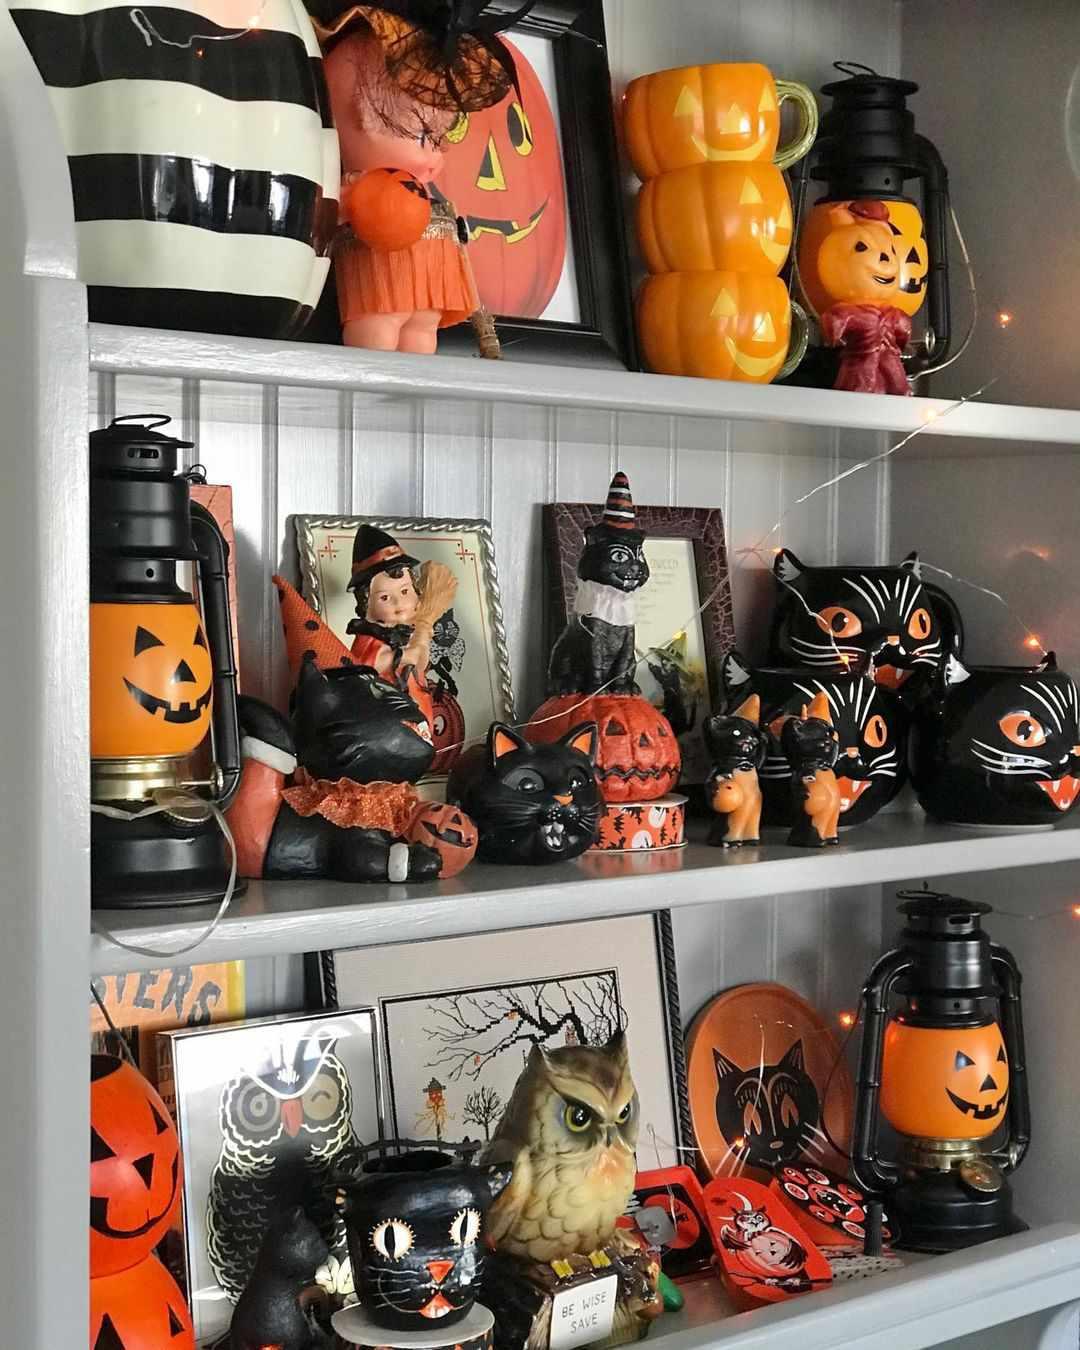 Shelves of retro pumpkins, cats and more.